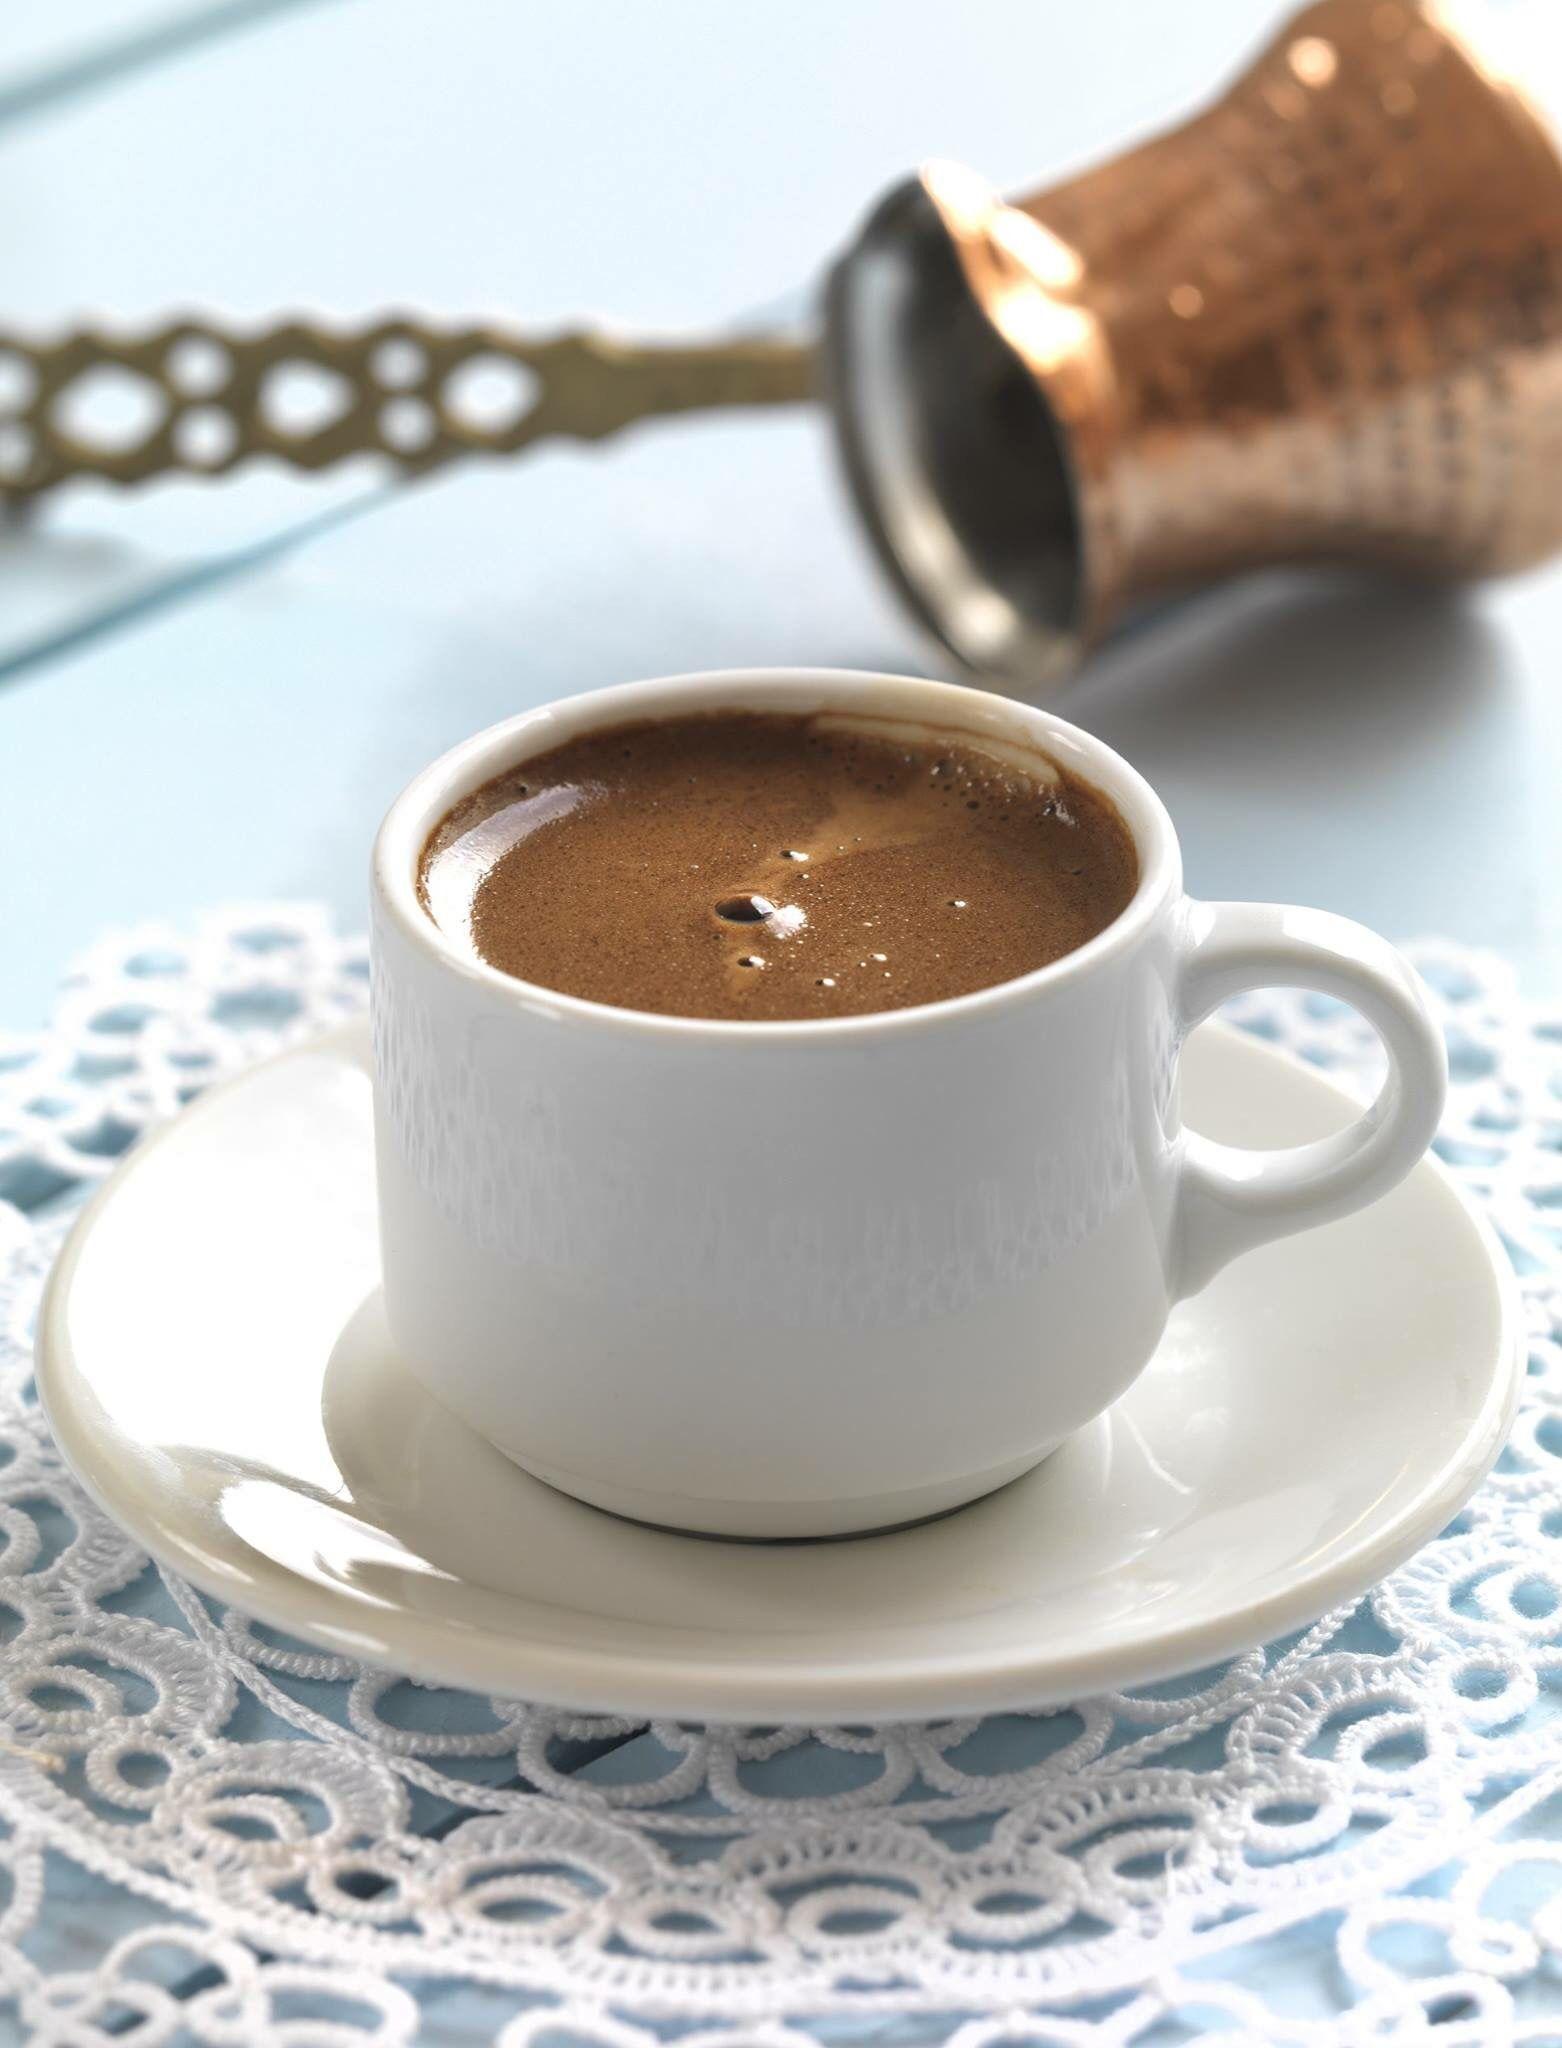 Ελληνικός καφές... The aroma of the Greek coffee